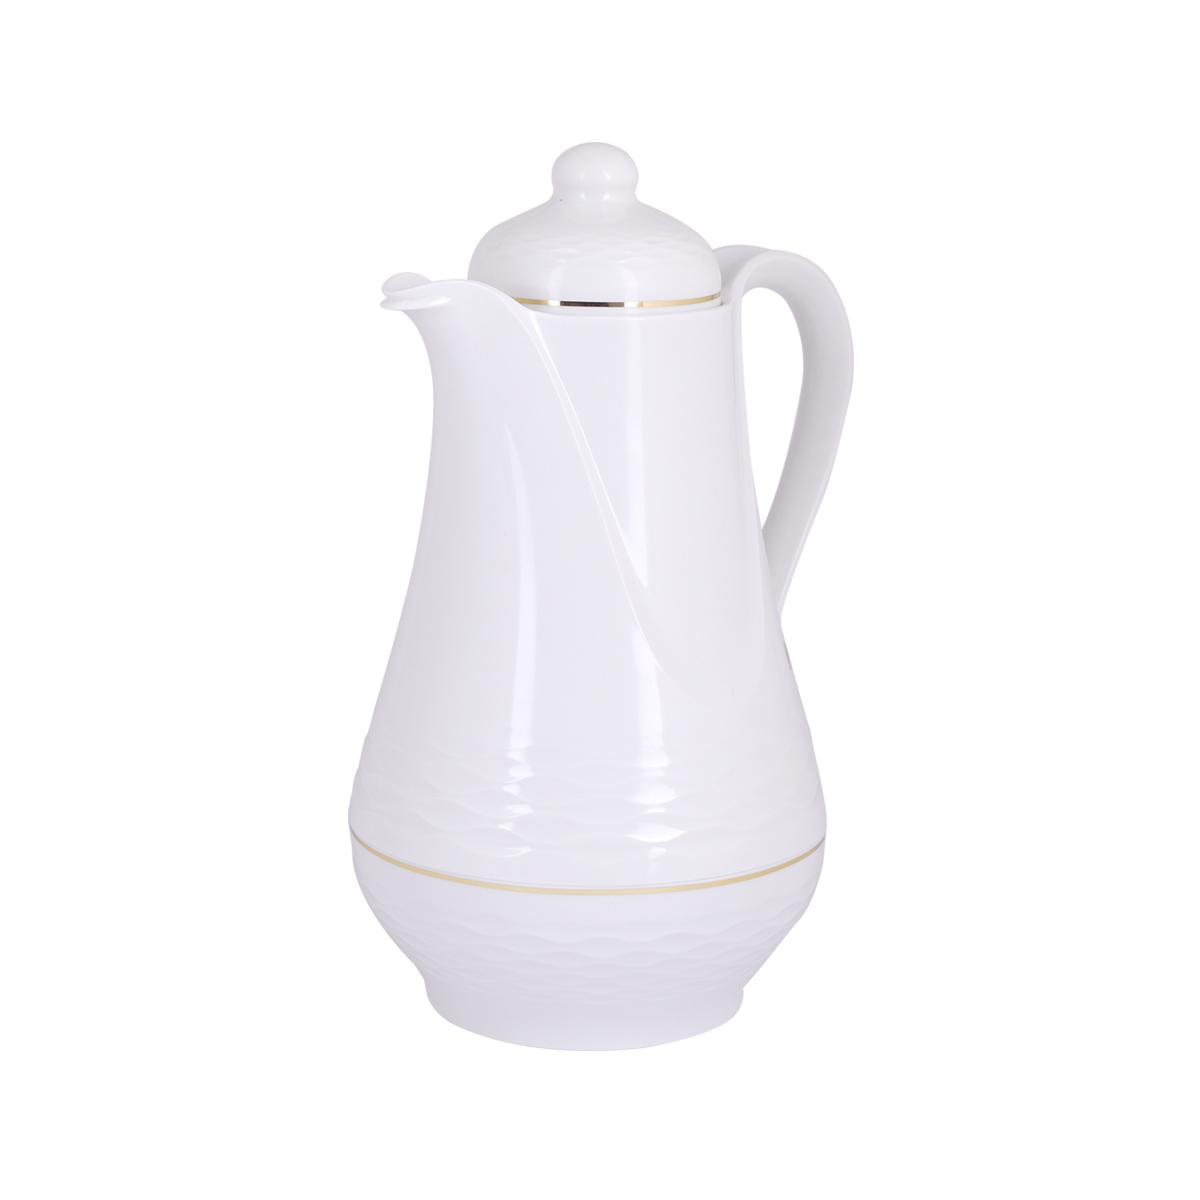 ترمس شاي وقهوة مور تايم - بلاستيك - 1 لتر رقم MY-30033